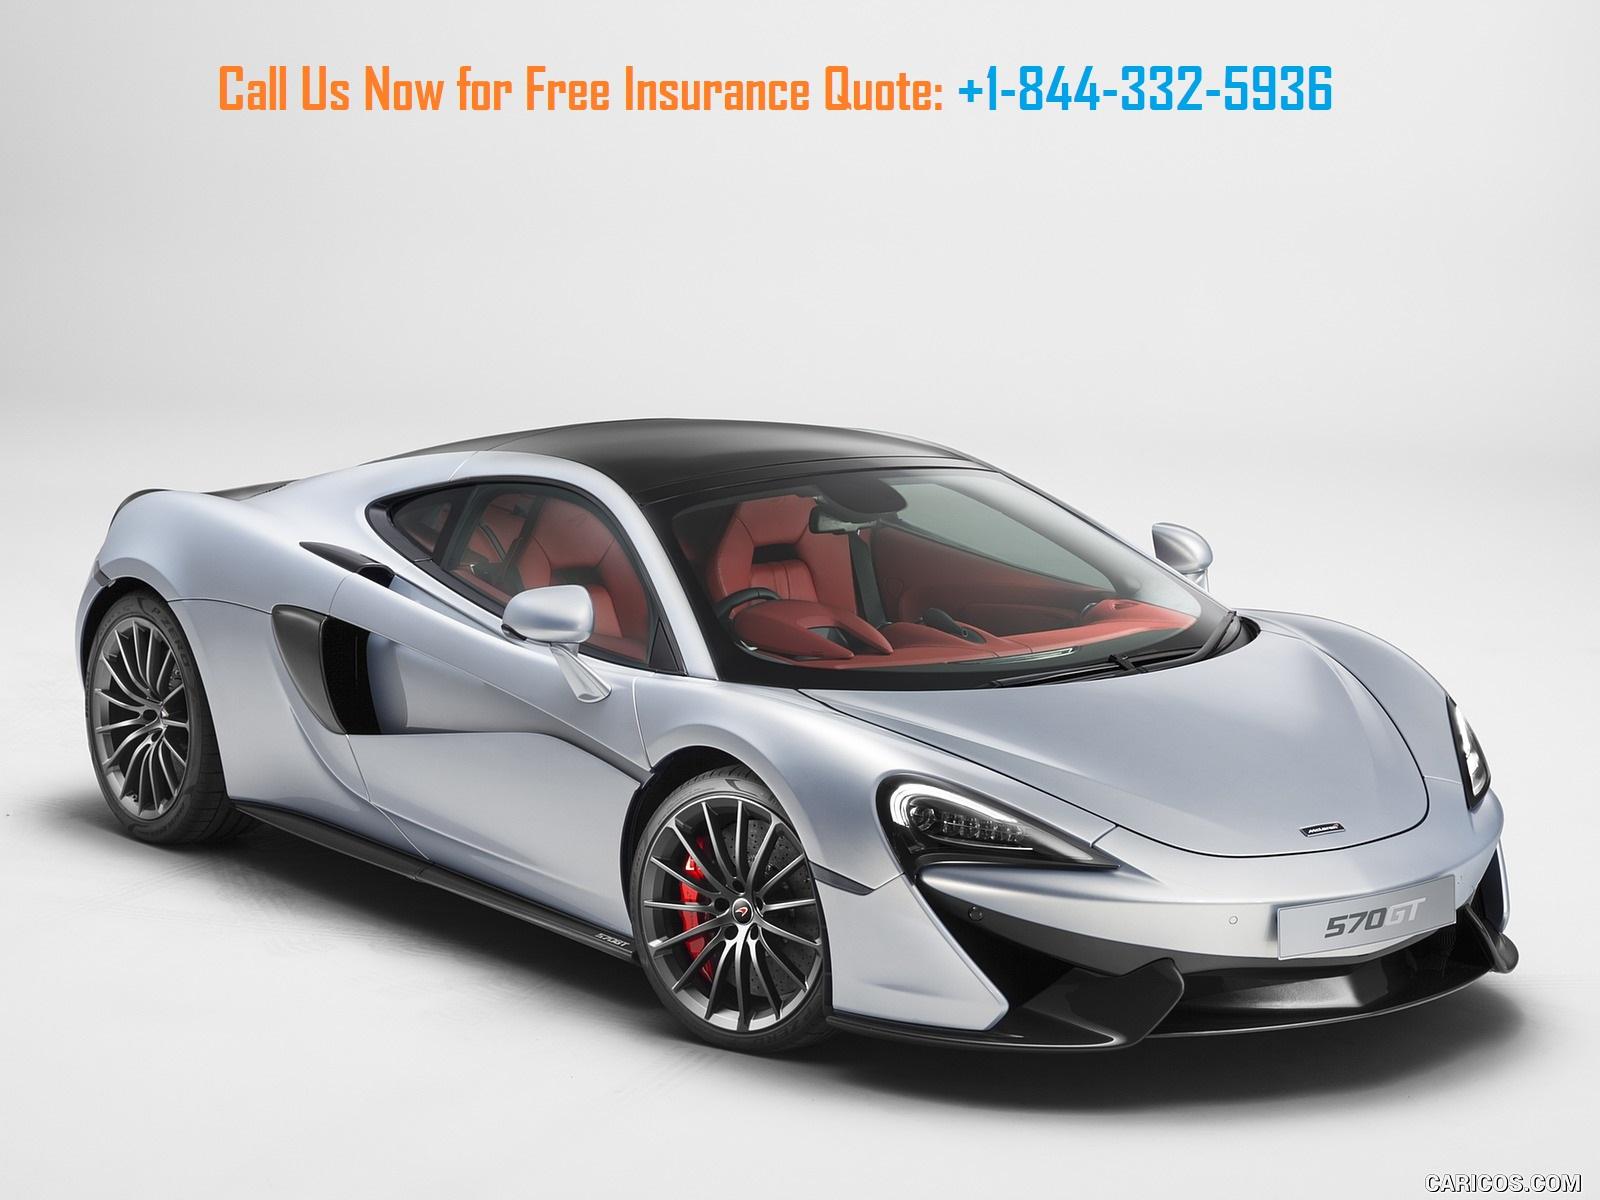 McLaren 570s Insurance Cost